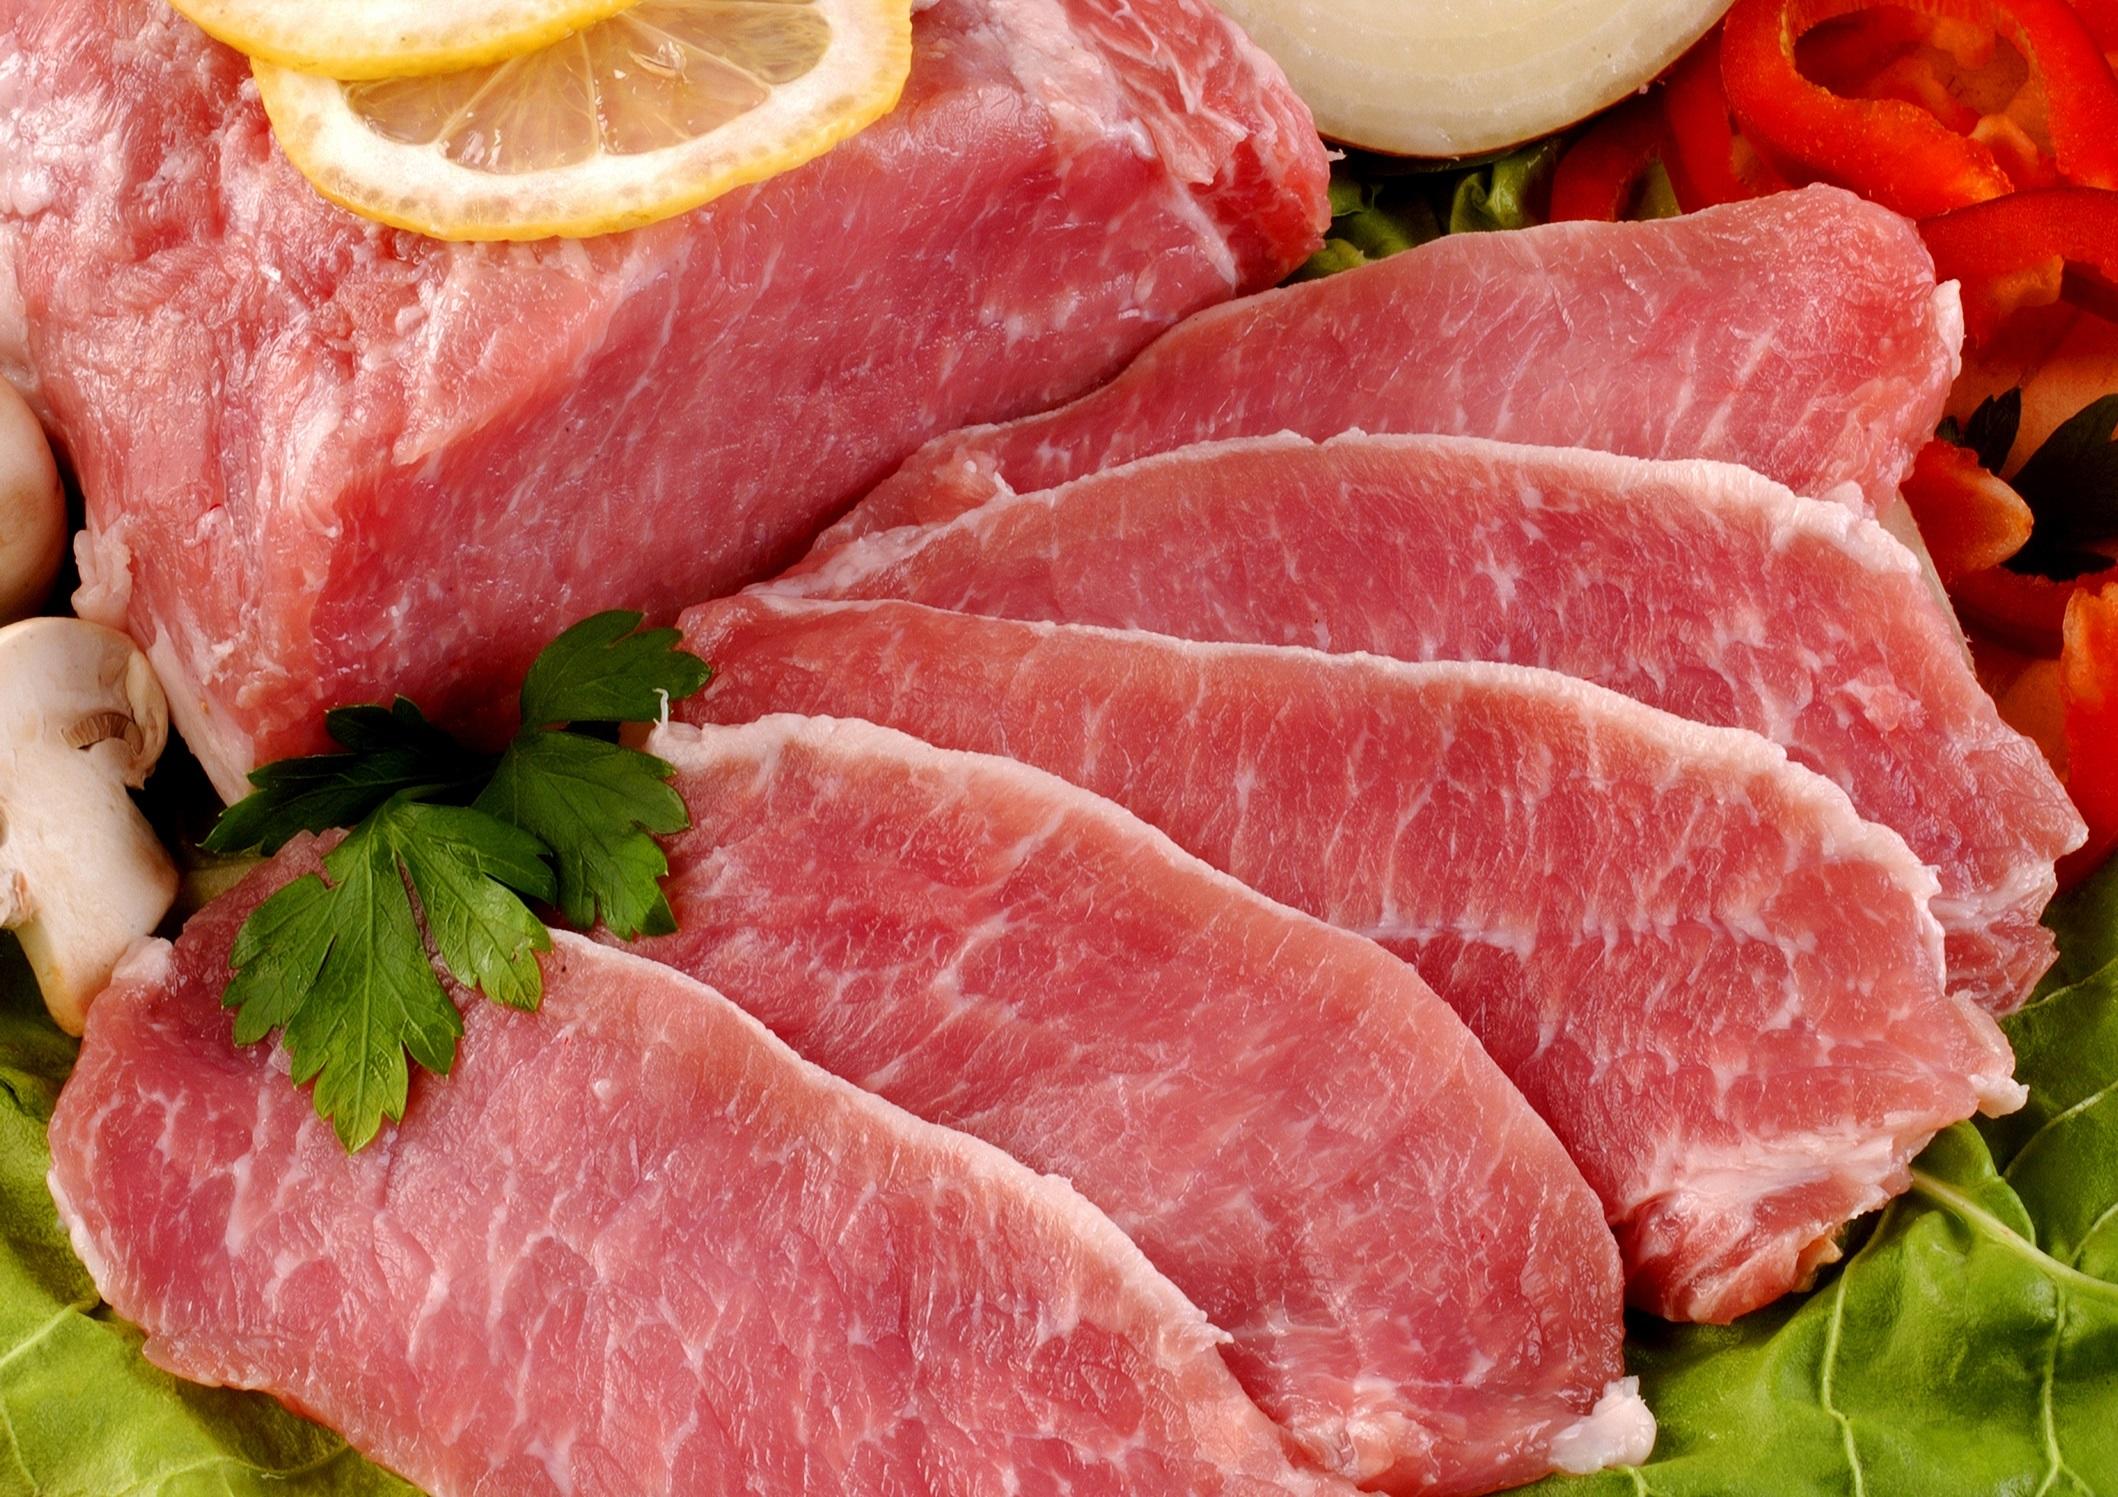 К чему снится мясо? Видеть и есть мясо во сне